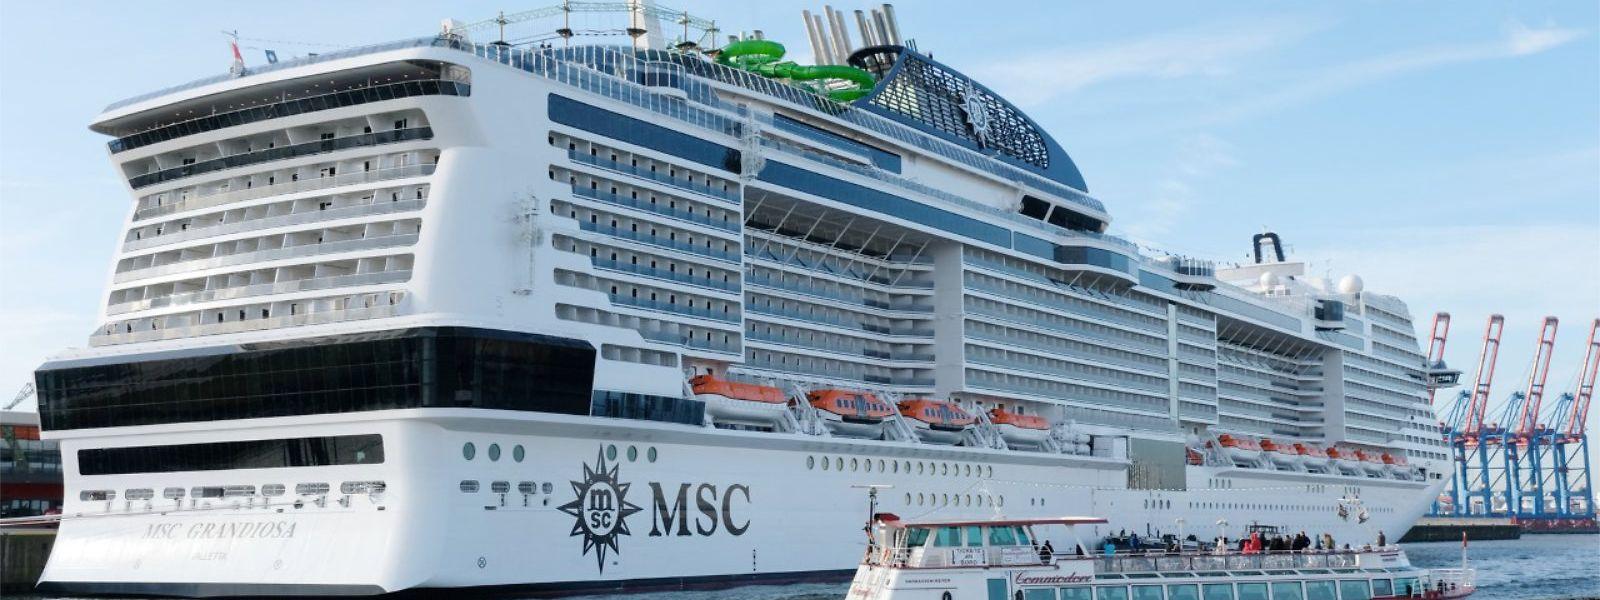 Der deutsche Kreuzfahrtenmarkt ist hart umkämpft. Im Hamburger Hafen zeigte die Reederei MSC am zweiten November-Wochenende Flagge. Die Taufe des neuen Schiffes wurde als Großereignis inszeniert.